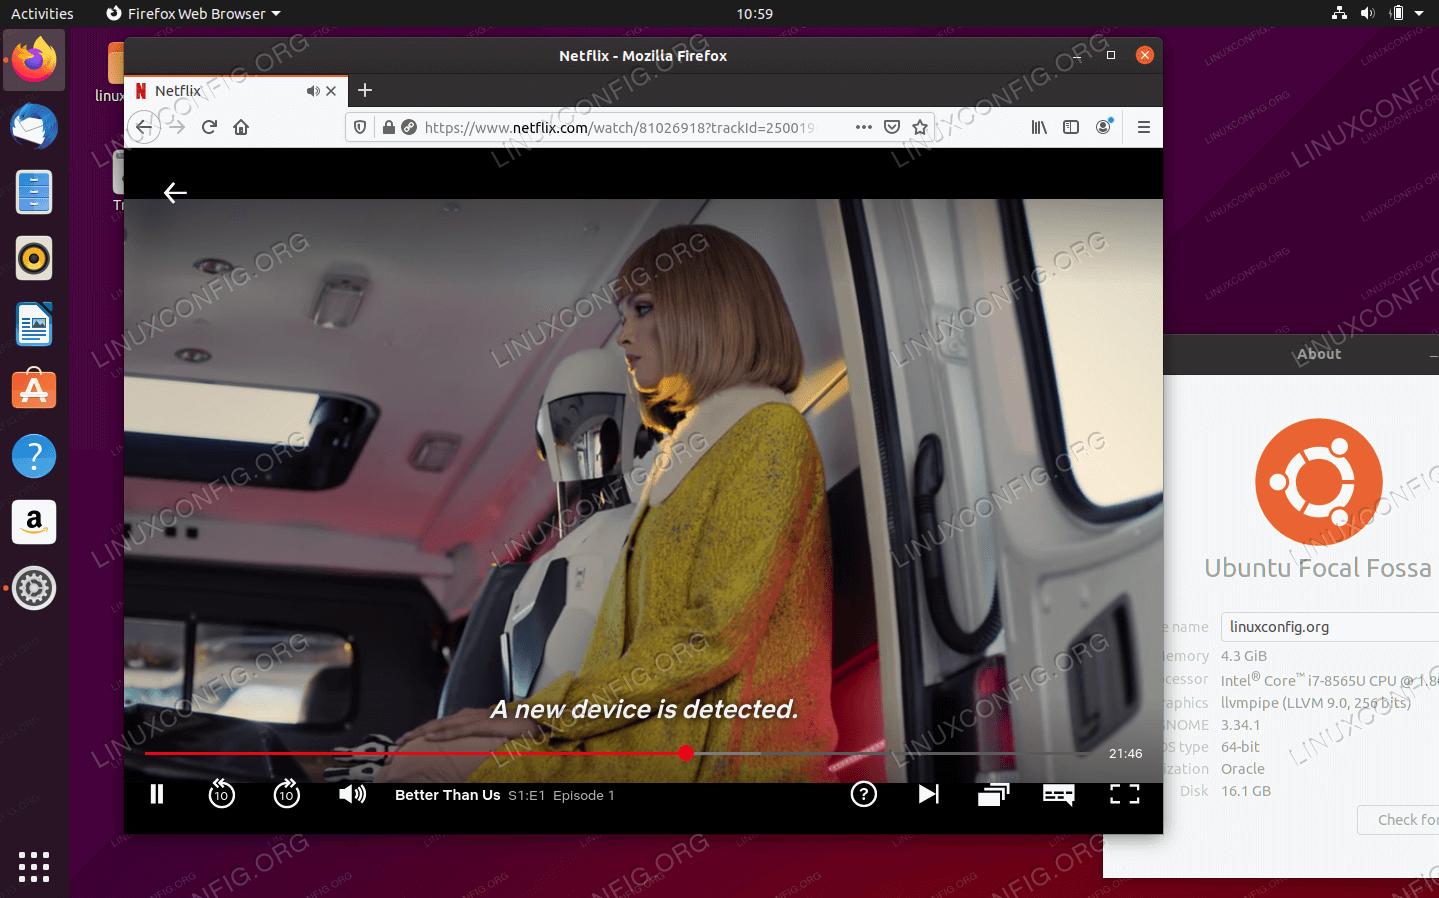 Смотря Netflix на Ubuntu 20.04